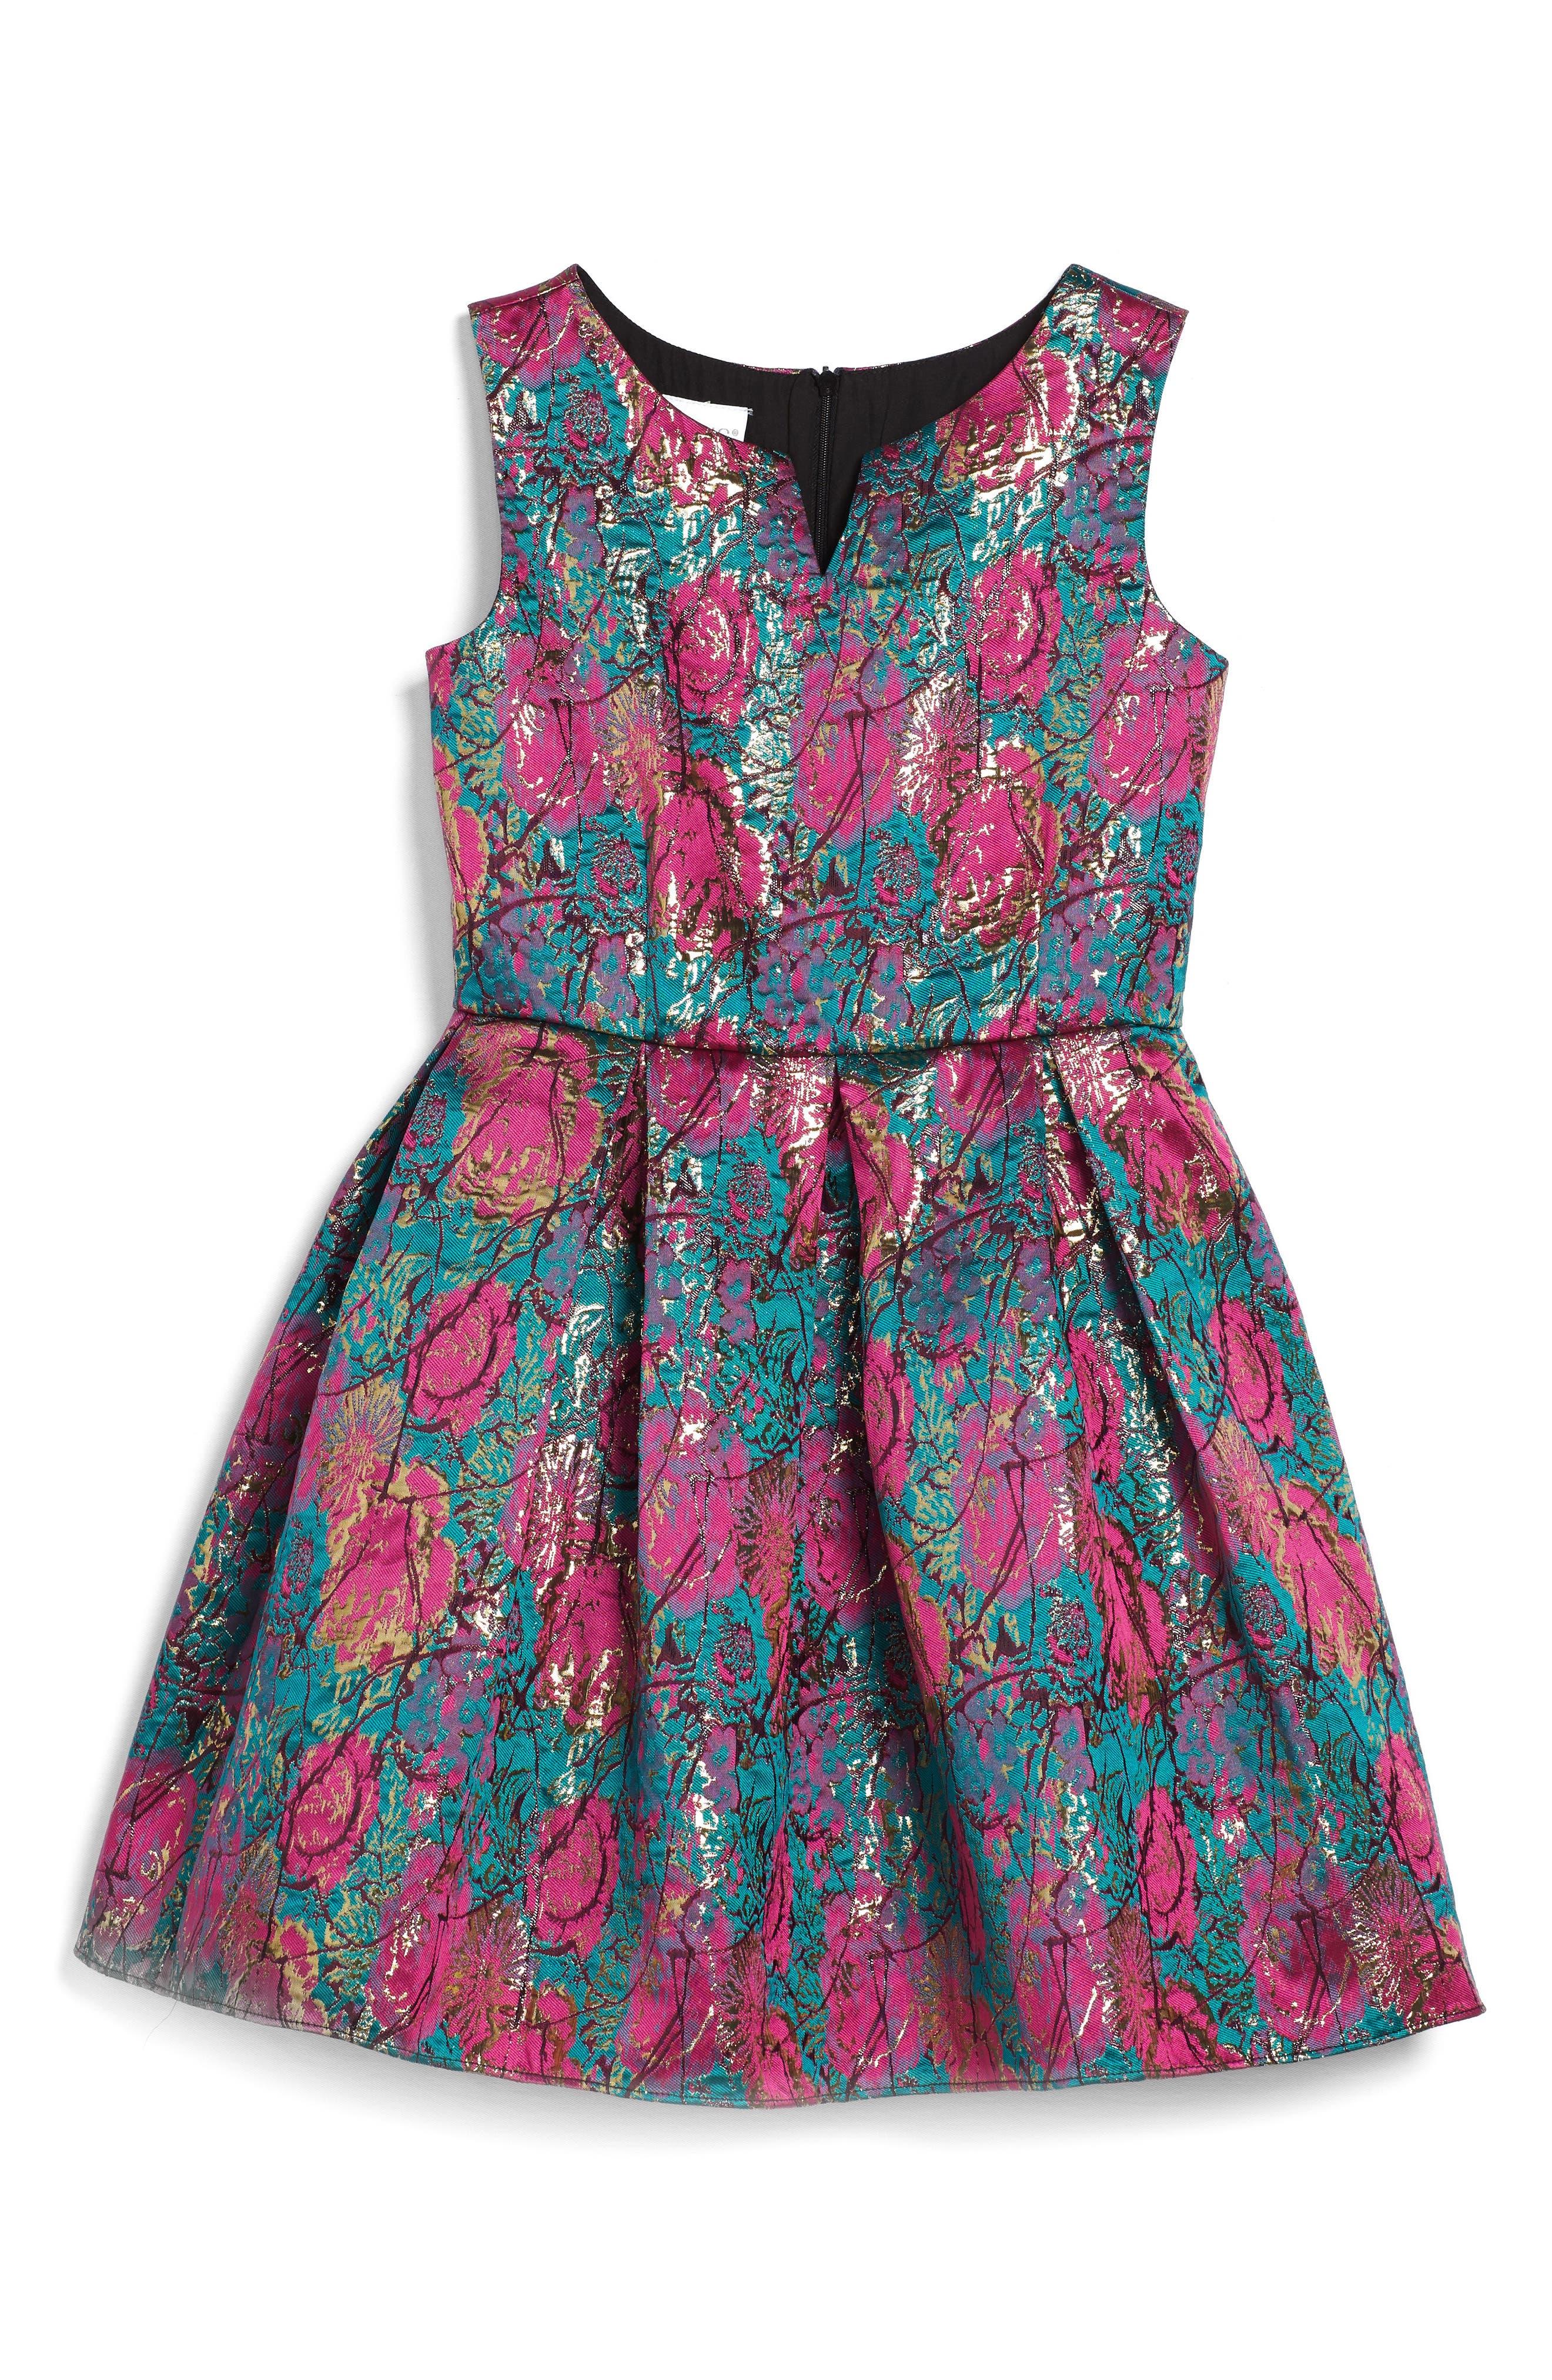 Alternate Image 1 Selected - Frais Floral Brocade Fit & Flare Dress (Big Girls)